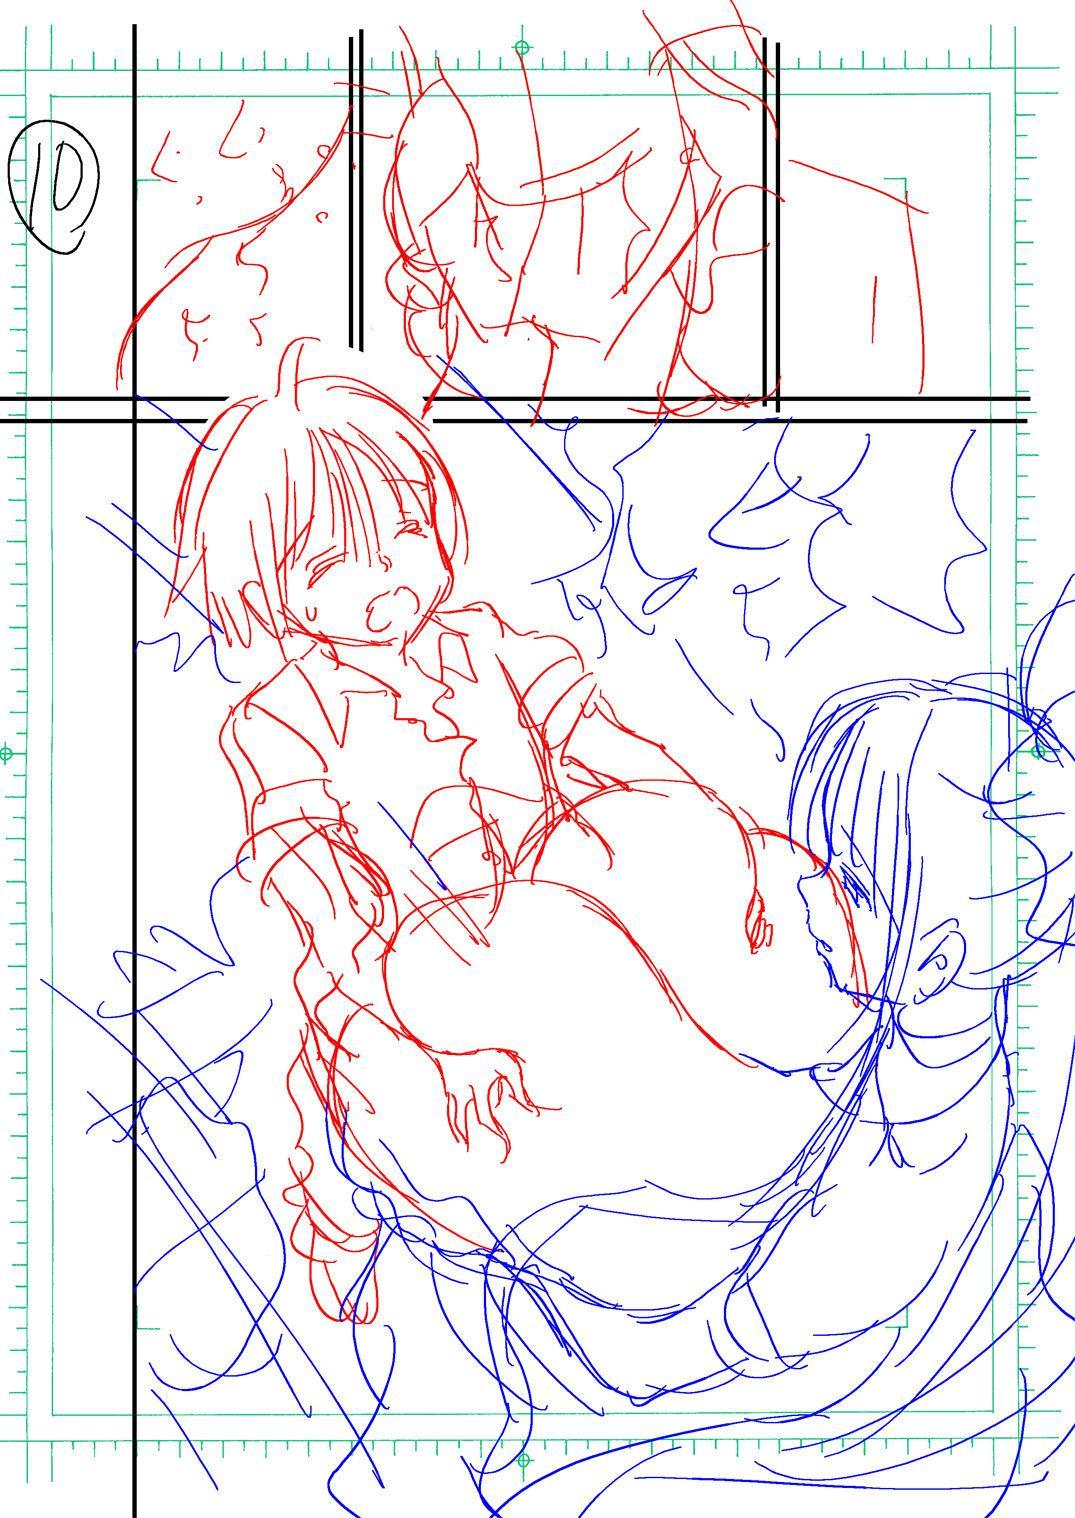 [Matsuyama Seiji] Otona no Eiken Kirika ~Chibukuro yori Ai o Komete~   Eiken Adult Kirika ~With Love From the Milk Bags~ (Eiken) [English] [Digital] 22